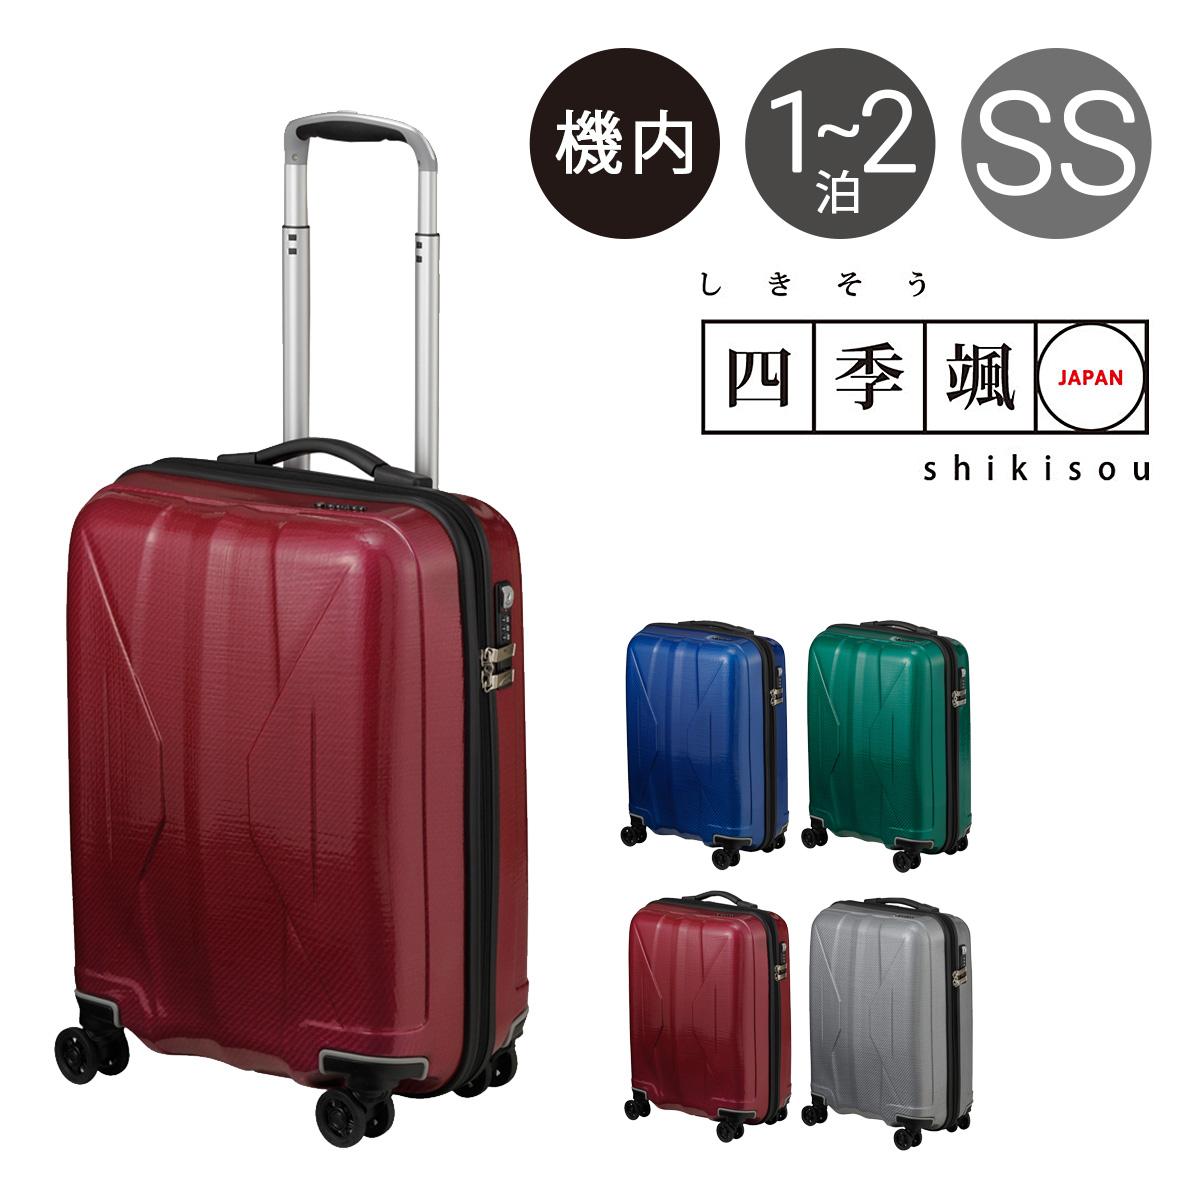 サンコー スーツケース 51cm 31L 2.5kg ハード 機内持ち込み RSK1-51 キャリーケース 静音 TSAロック搭載 SUNCO 四季颯 3年保証 [PO10][bef][即日発送]